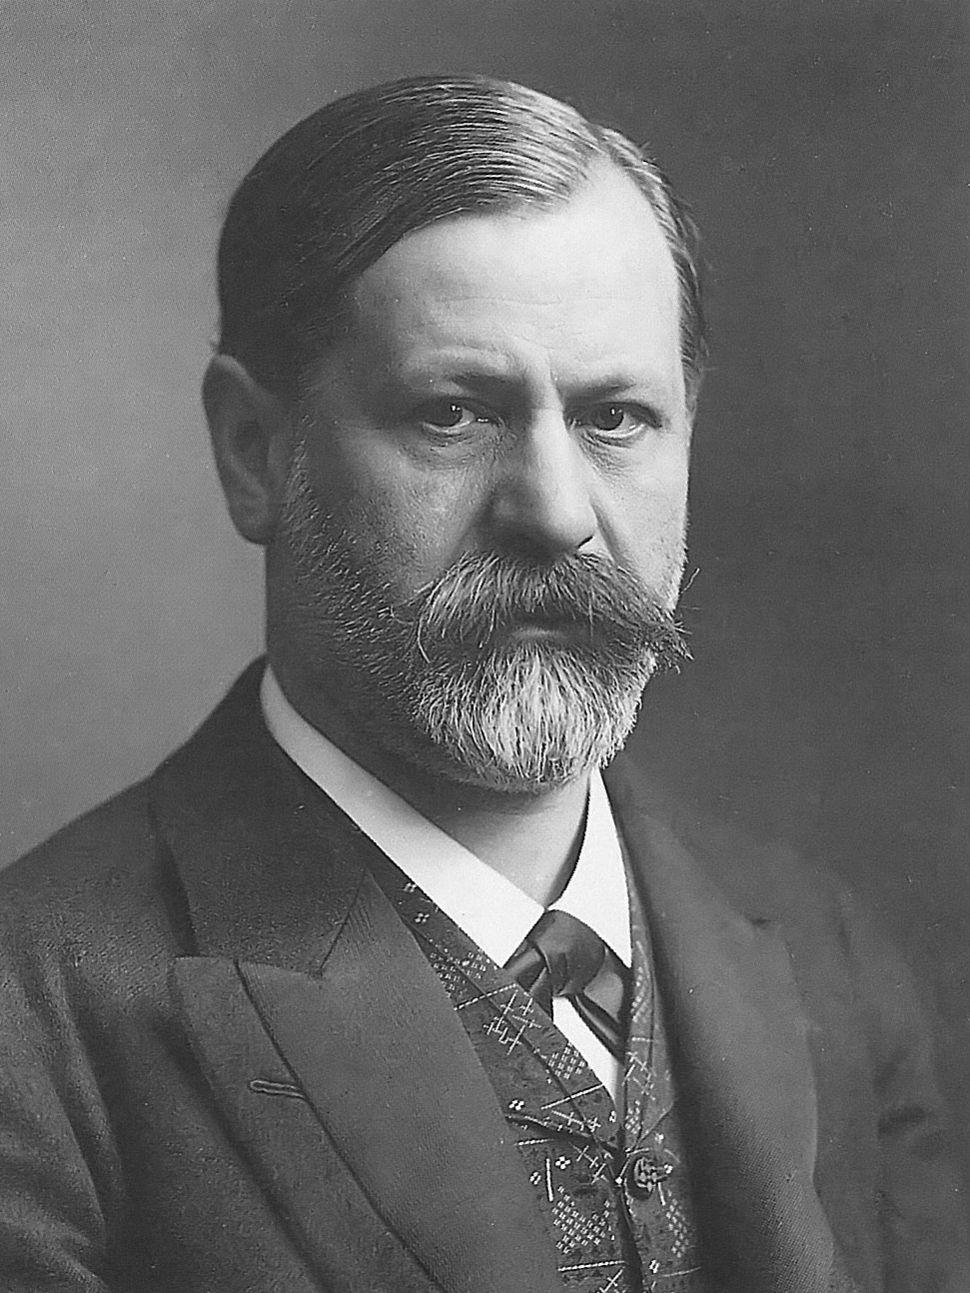 Sigmund freud um 1905